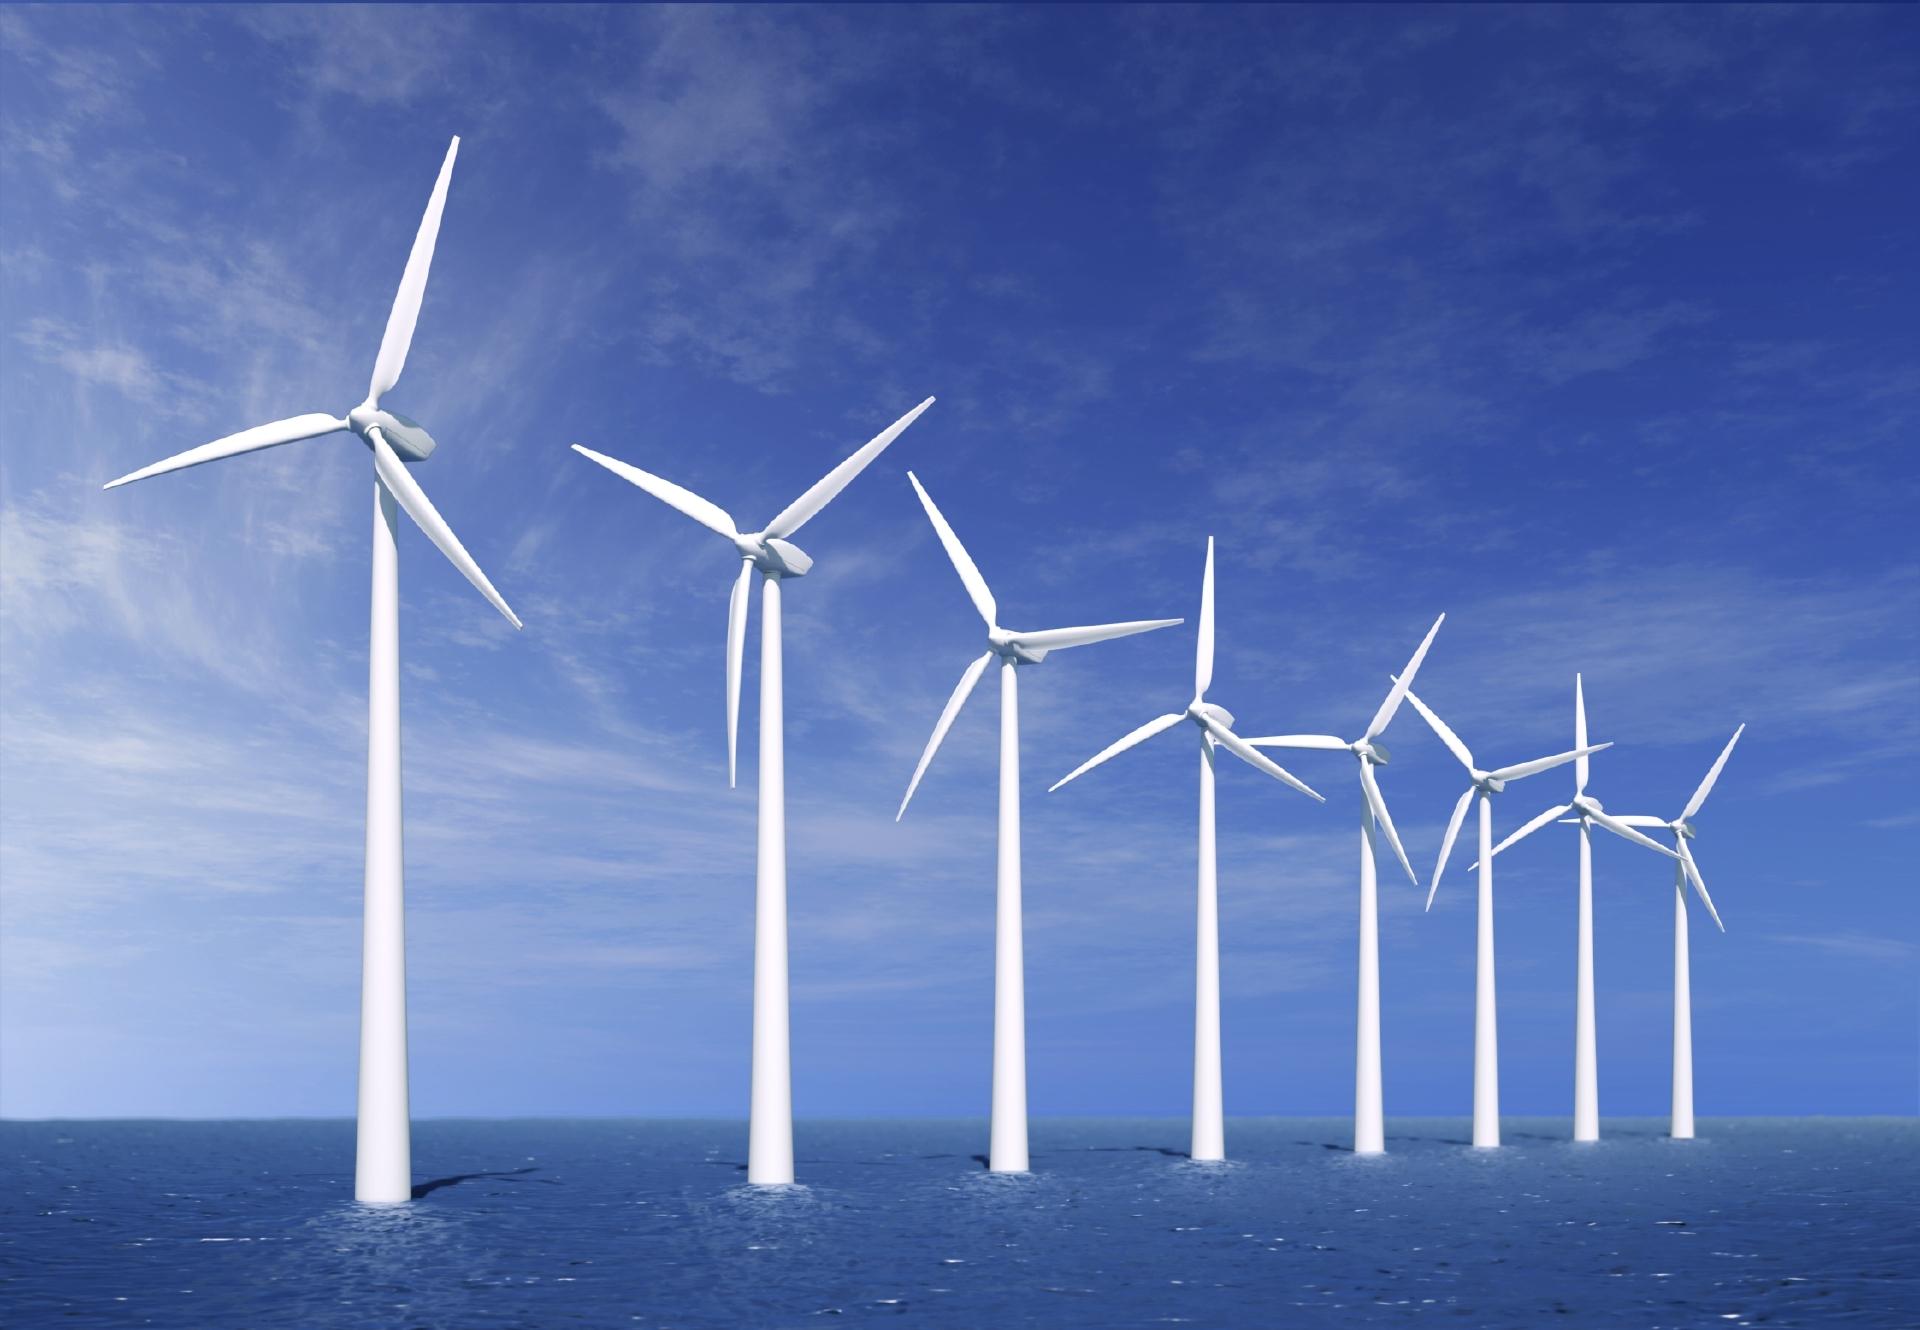 An offshore wind farm near Denmark